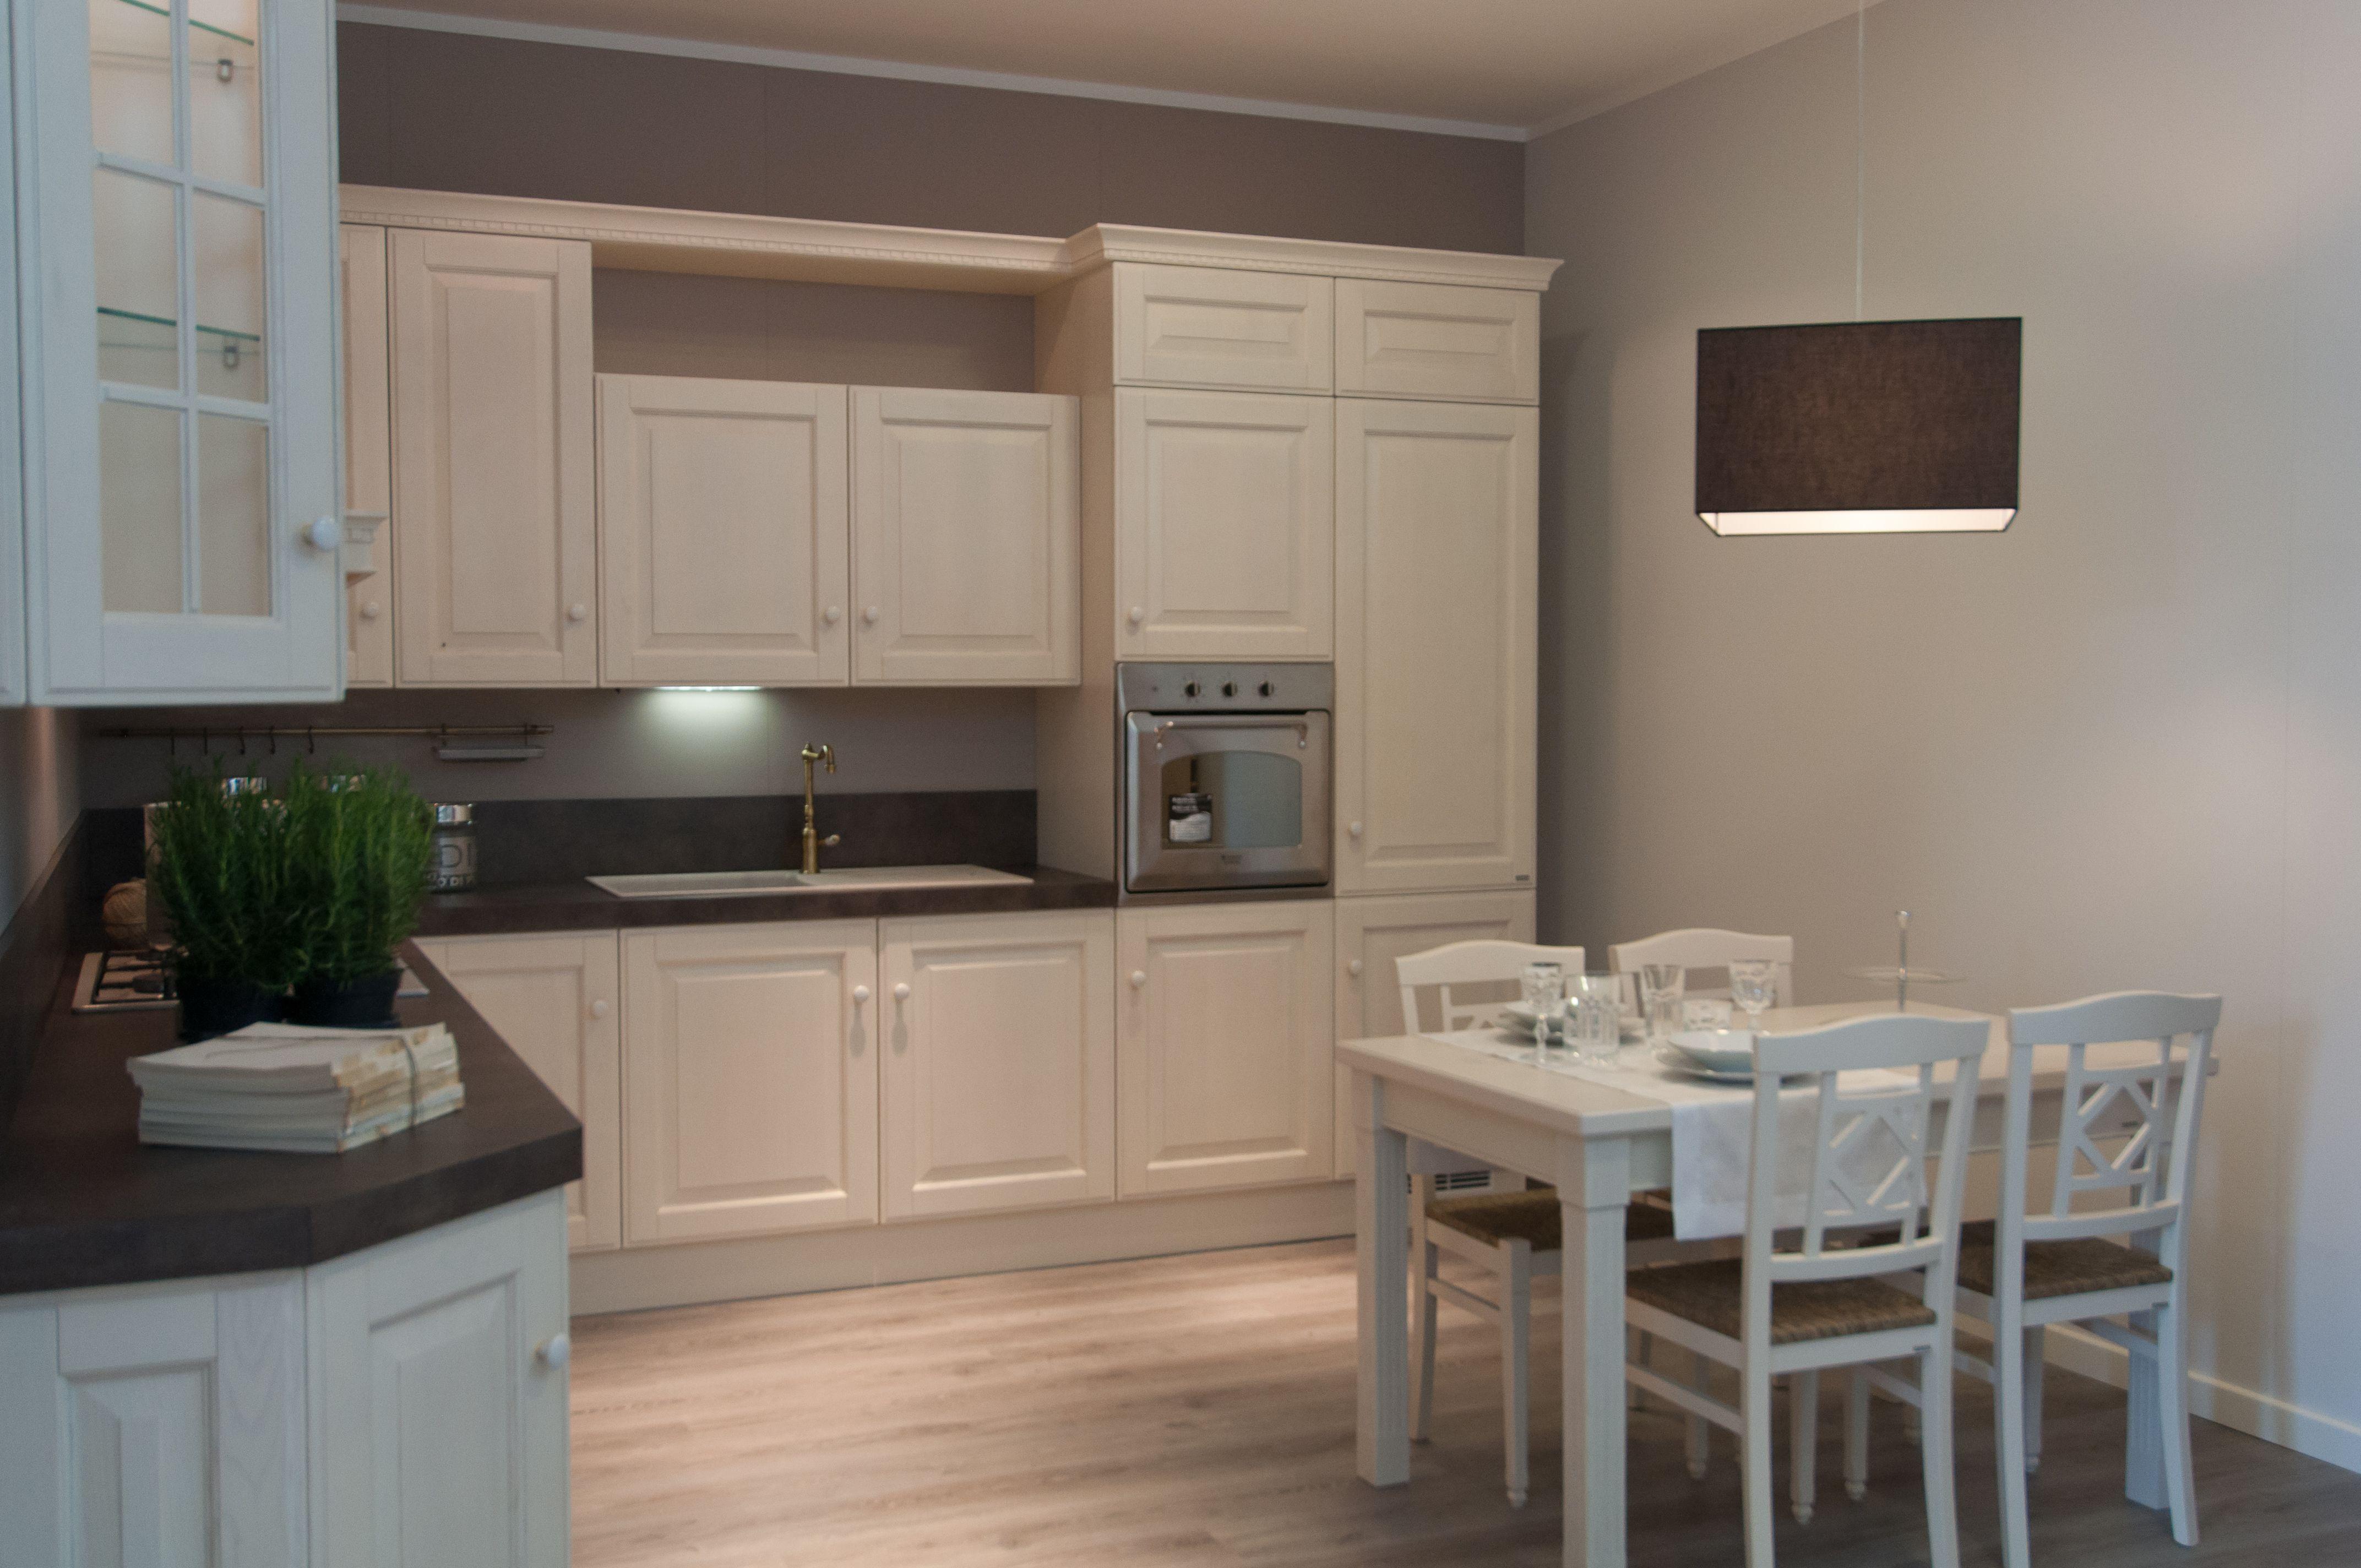 Cucine scavolini composizione ad angolo progetti da - Composizione cucina ad angolo ...